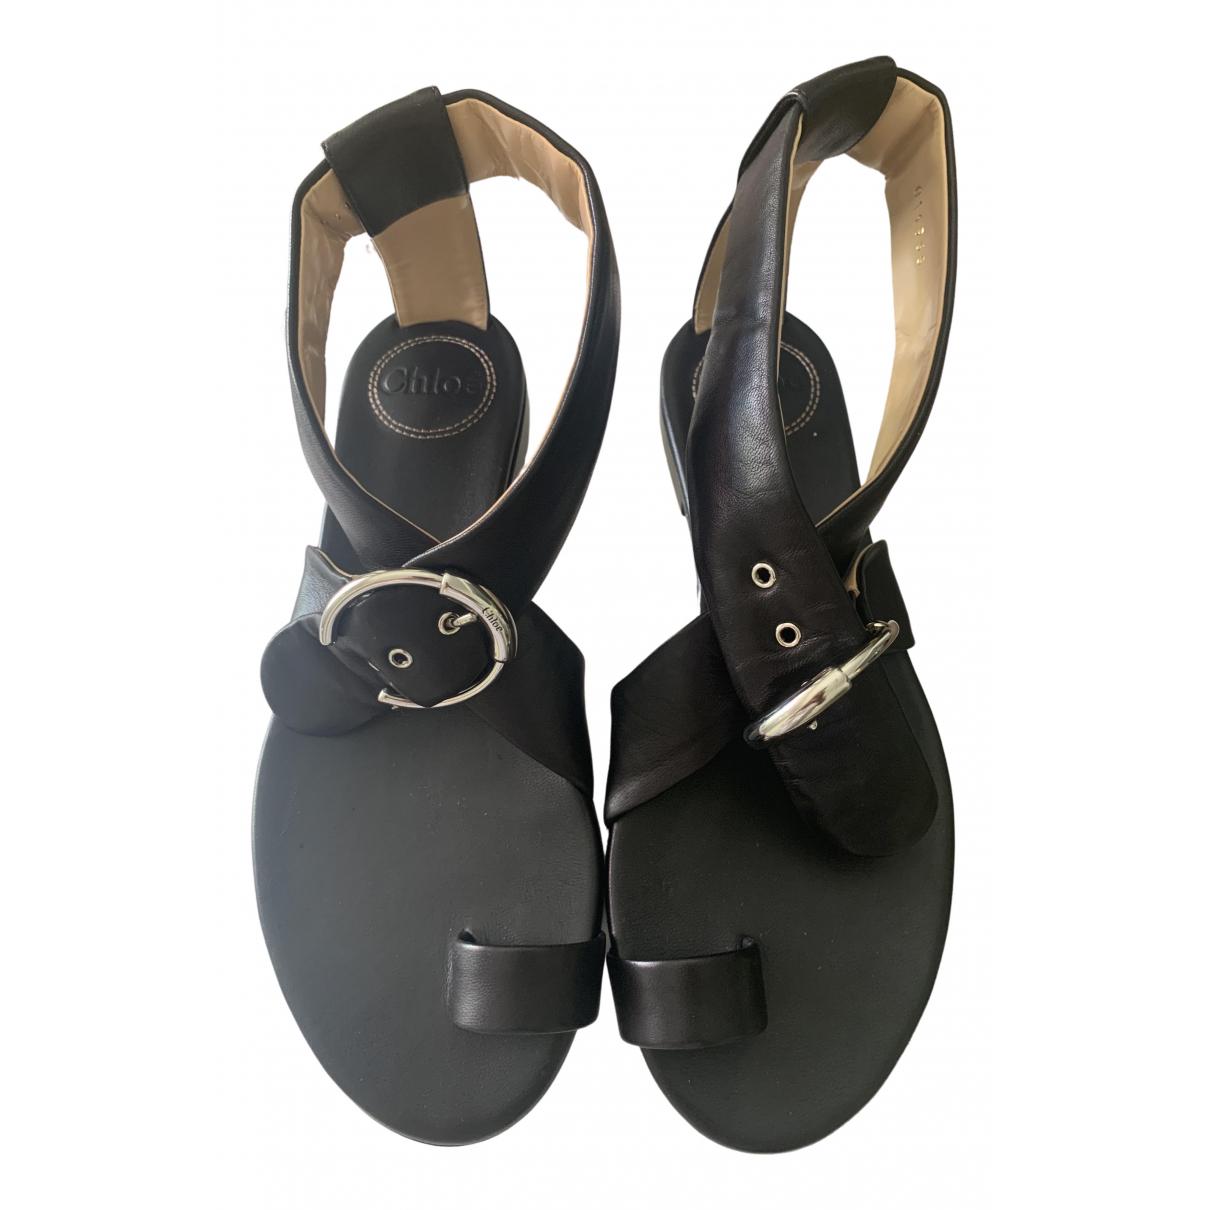 Chloé Chloé Black Leather Sandals for Women 37 EU